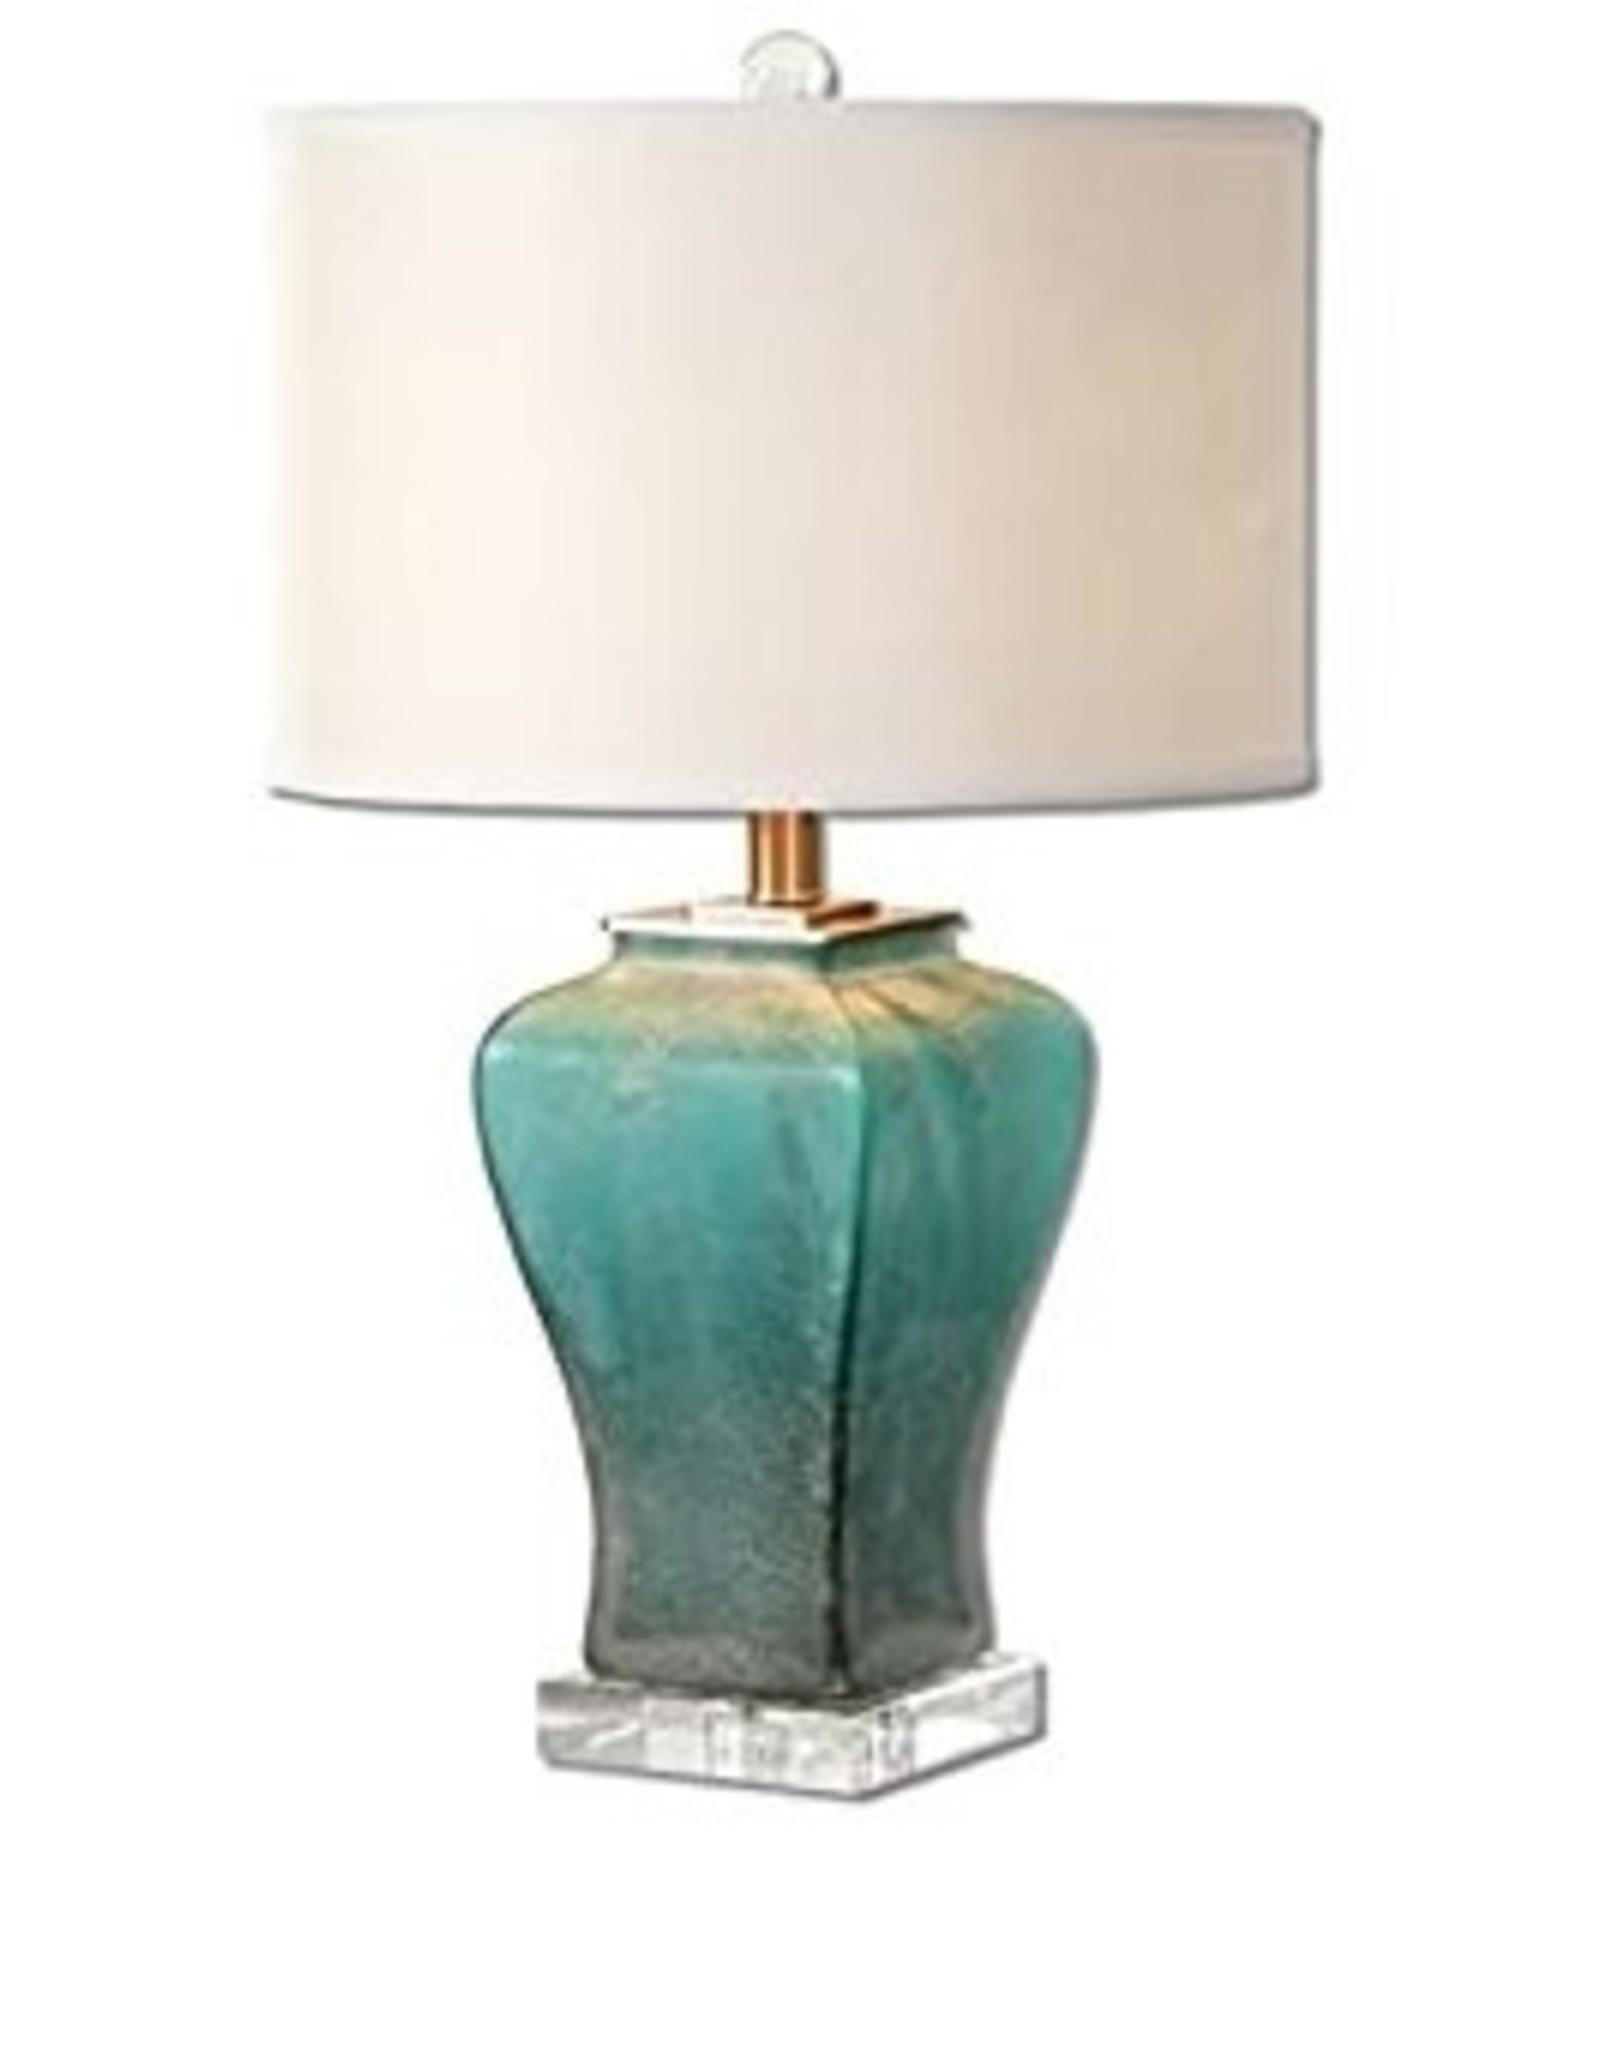 Uttermost Valtorta Lamp